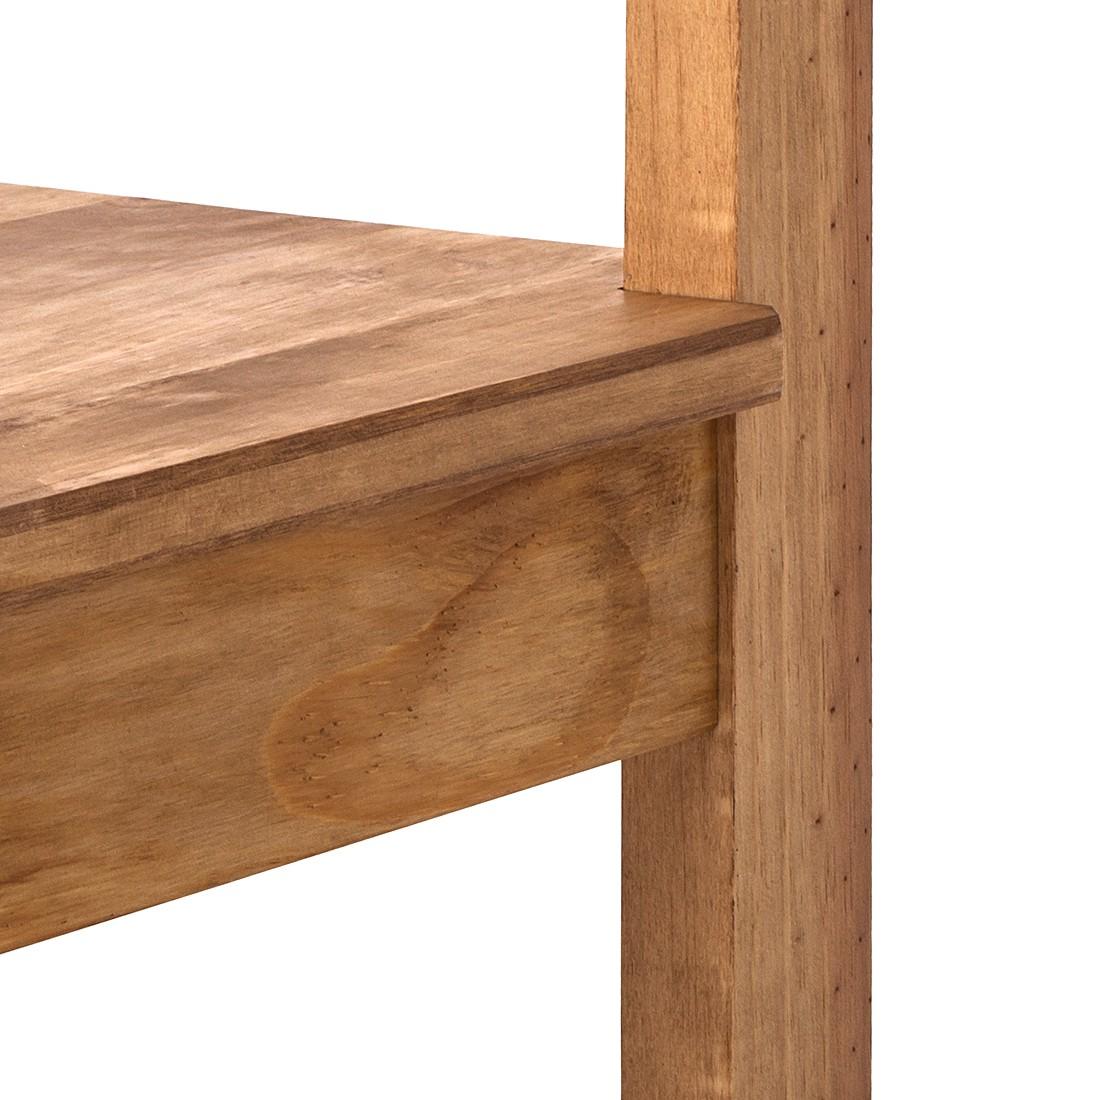 2x stuhl kiefer massiv holzstuhl esszimmerstuhl st hle k che ebay. Black Bedroom Furniture Sets. Home Design Ideas